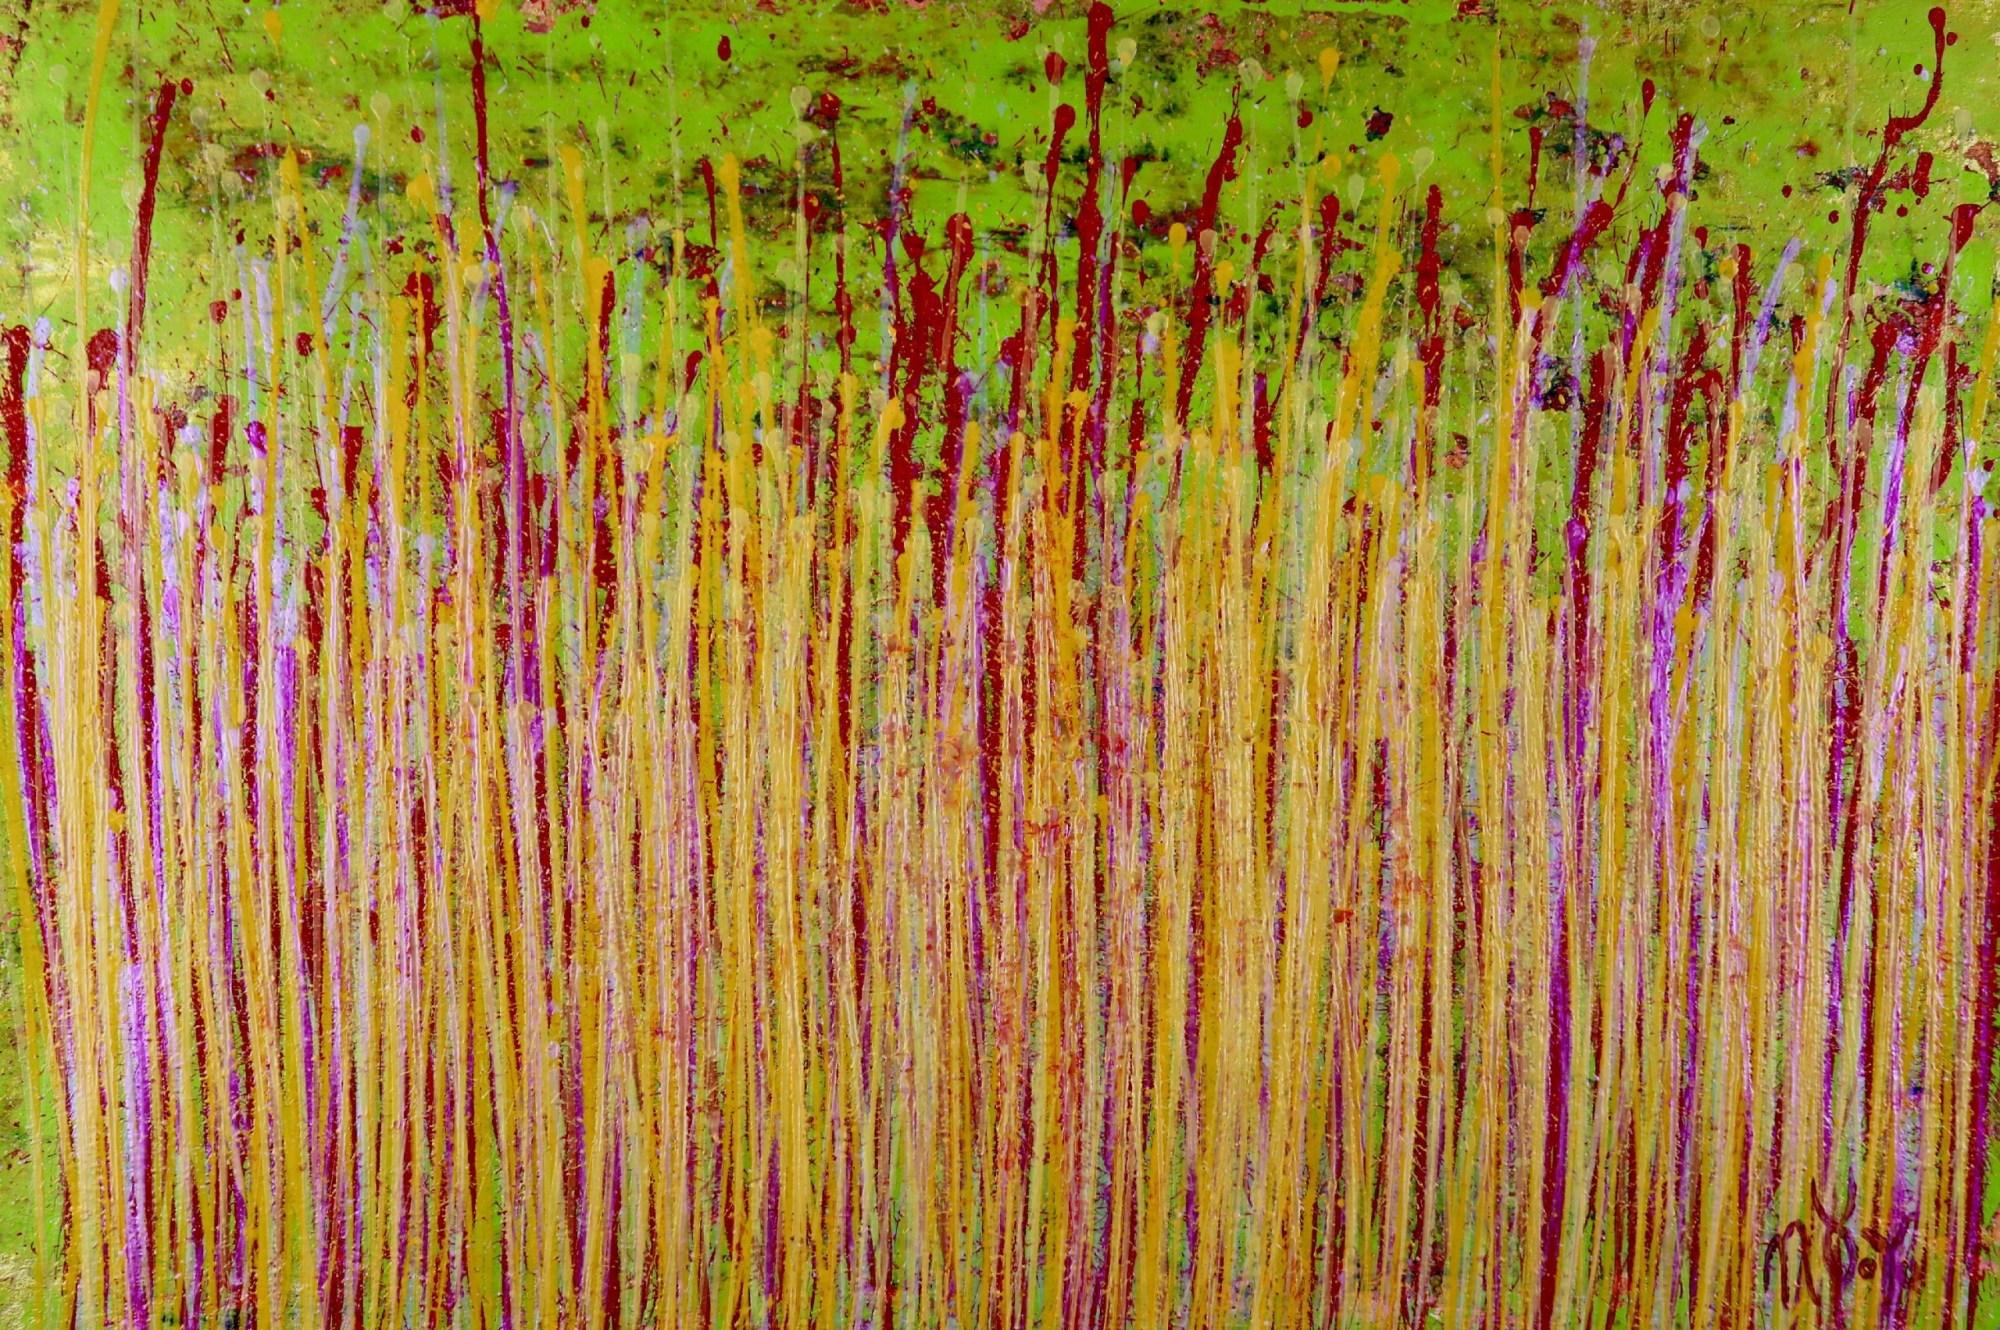 Full Canvas - Awakening Garden 7 (2020) by Nestor Toro